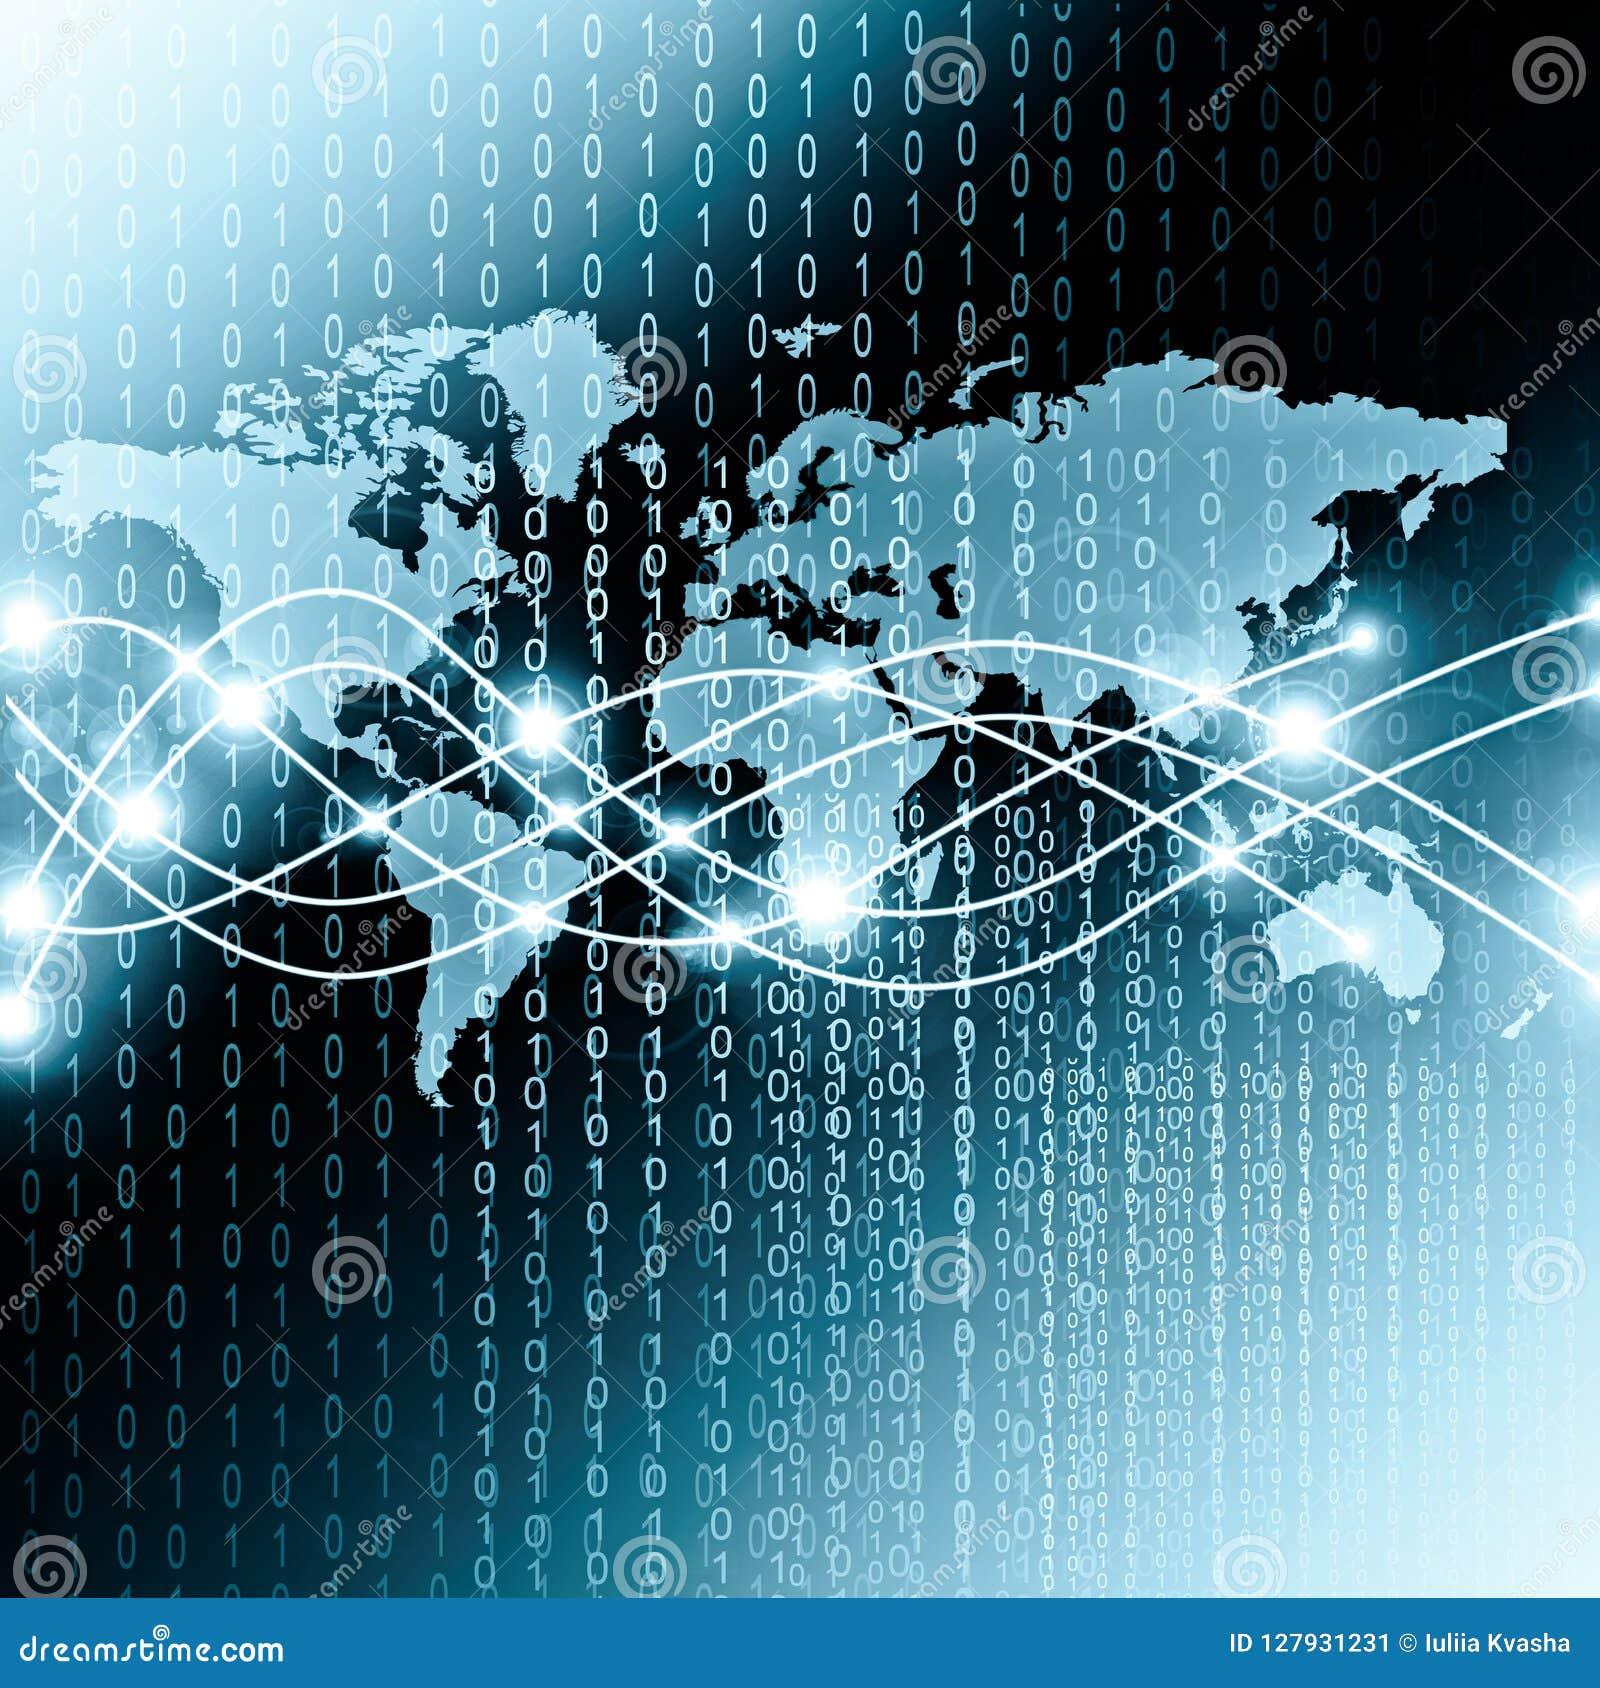 Wereldkaart op een technologische achtergrond, gloeiende lijnensymbolen van Internet, radio, televisie, mobiel en satelliet